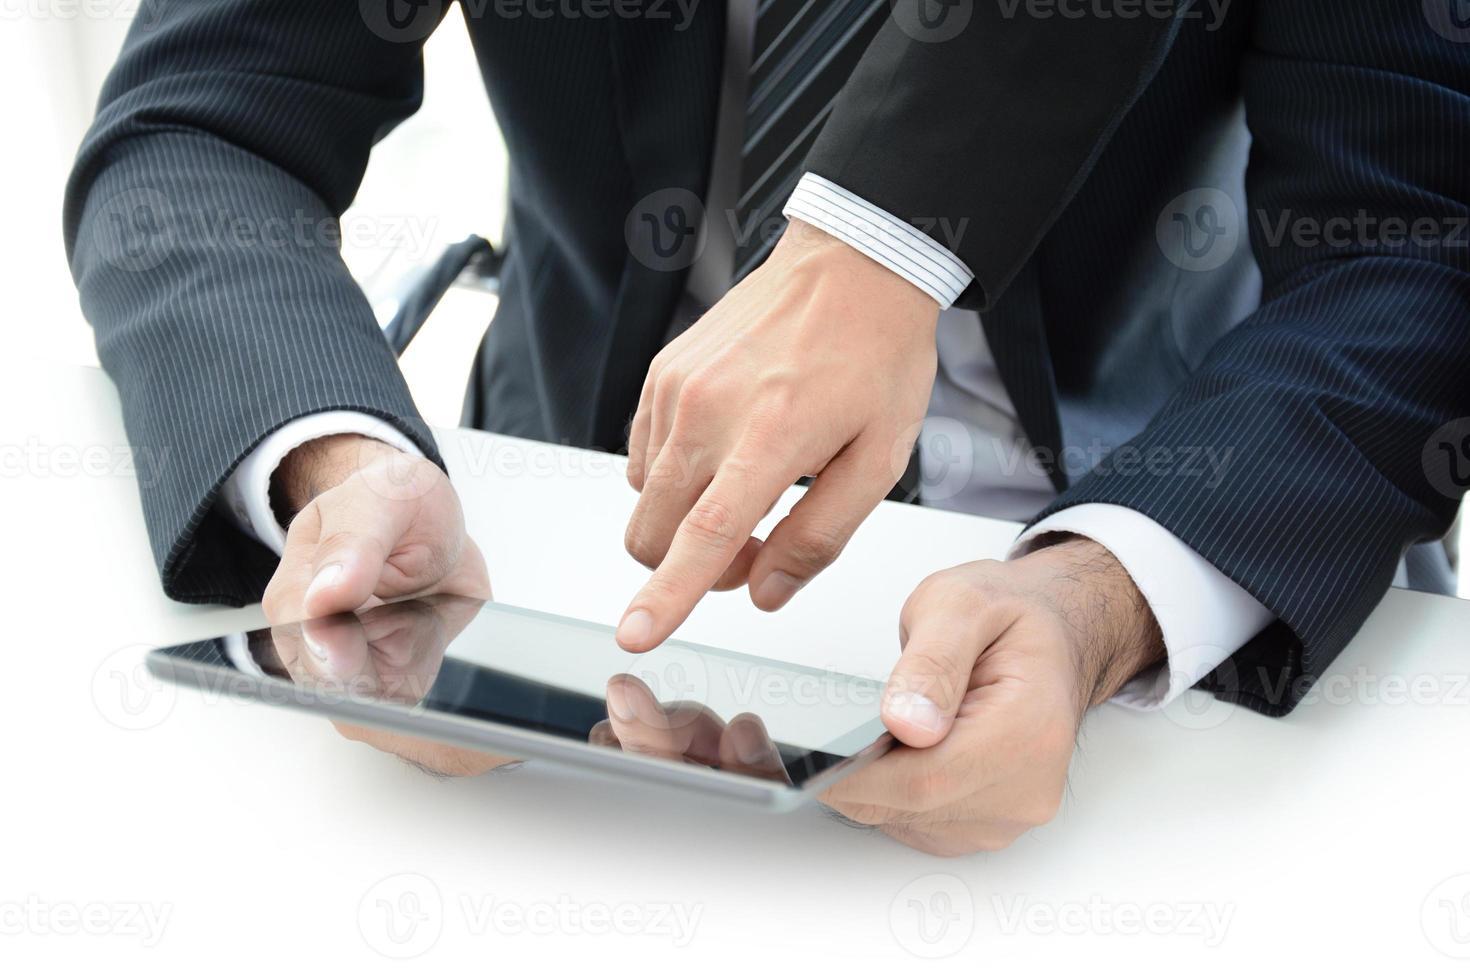 twee zakenlieden met behulp van tablet-computer met één hand scherm aan te raken foto